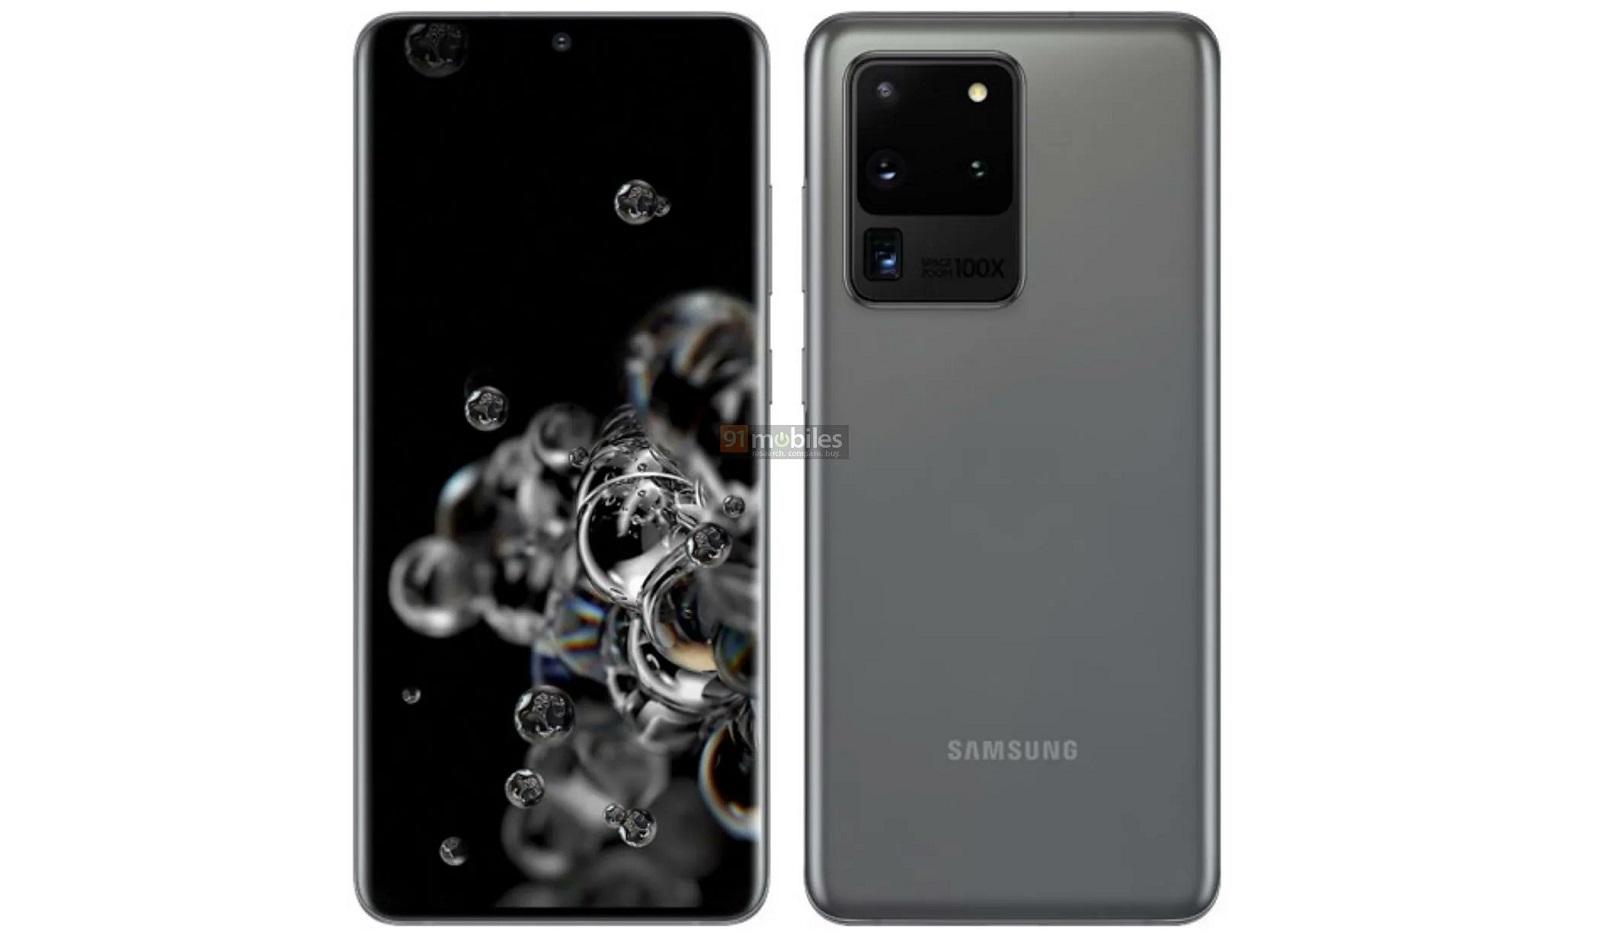 Xem Samsung Galaxy Zoom kính tiềm vọng 48MP của S20 Ultra 5G 2